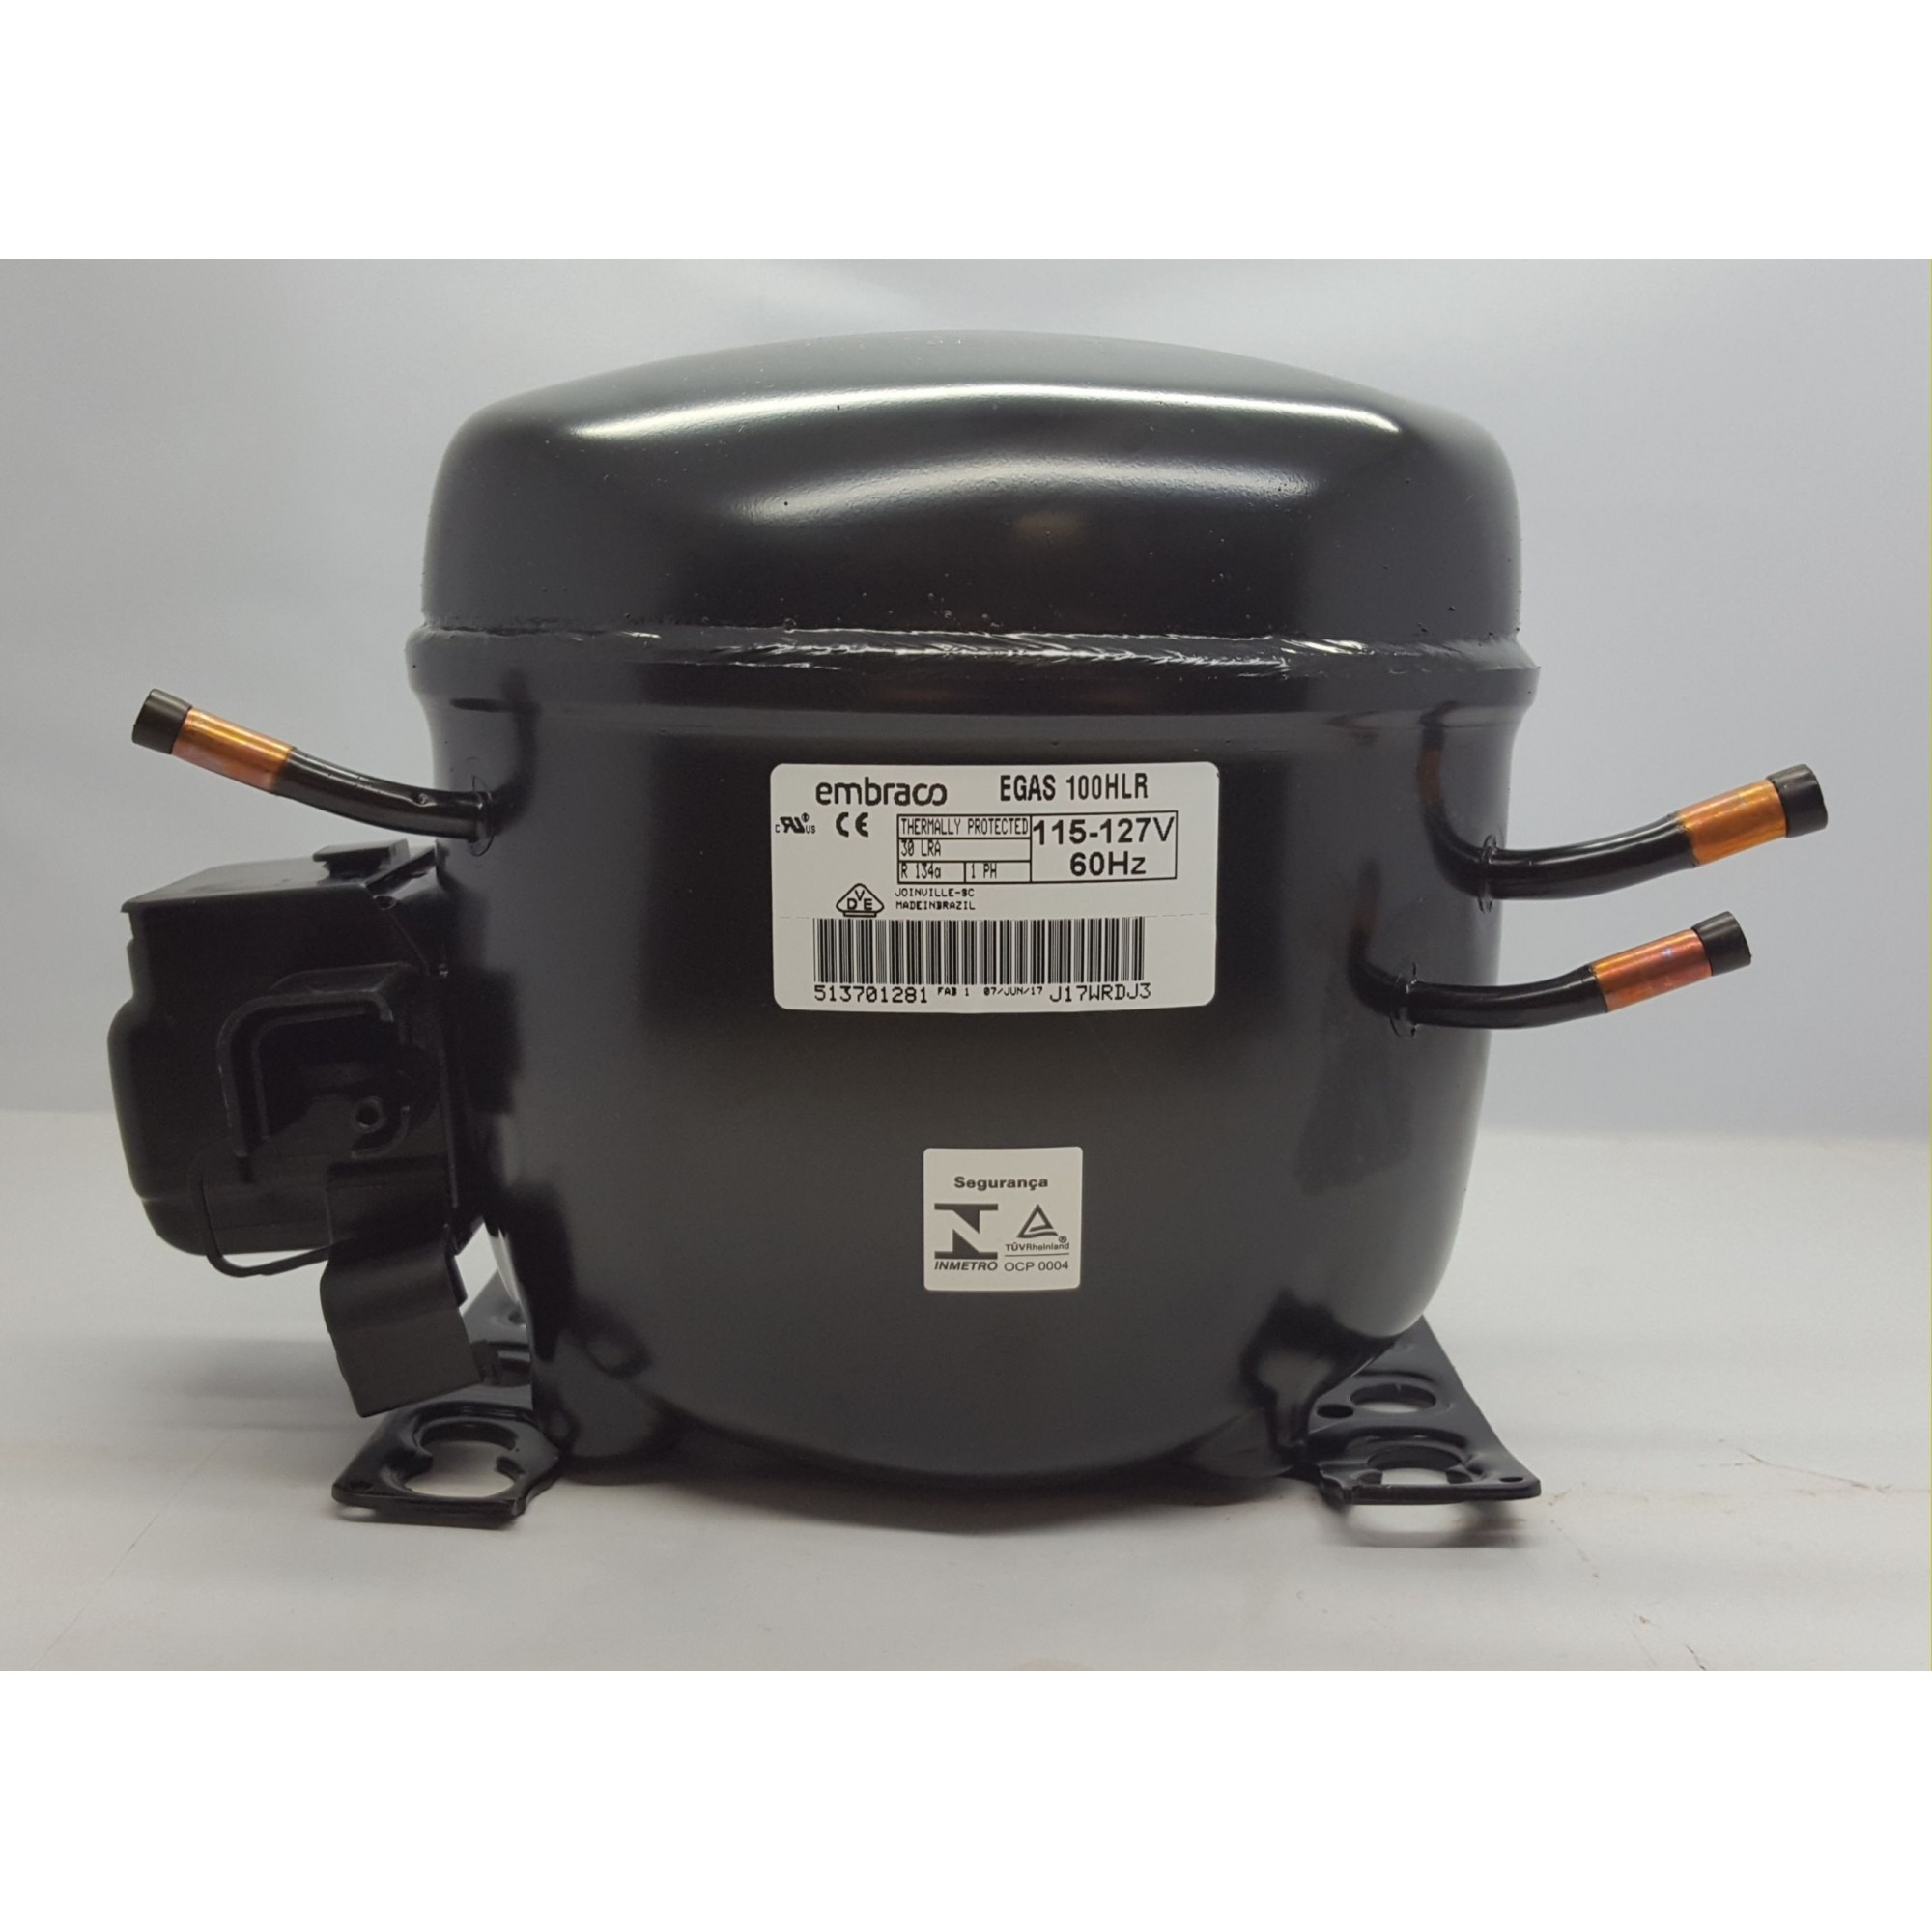 MOTOR PARA GELADEIRA E FREEZER - COMPRESSOR EMBRACO 1/3 HP - EGAS 100HLR - R134a (220v ou 110v)